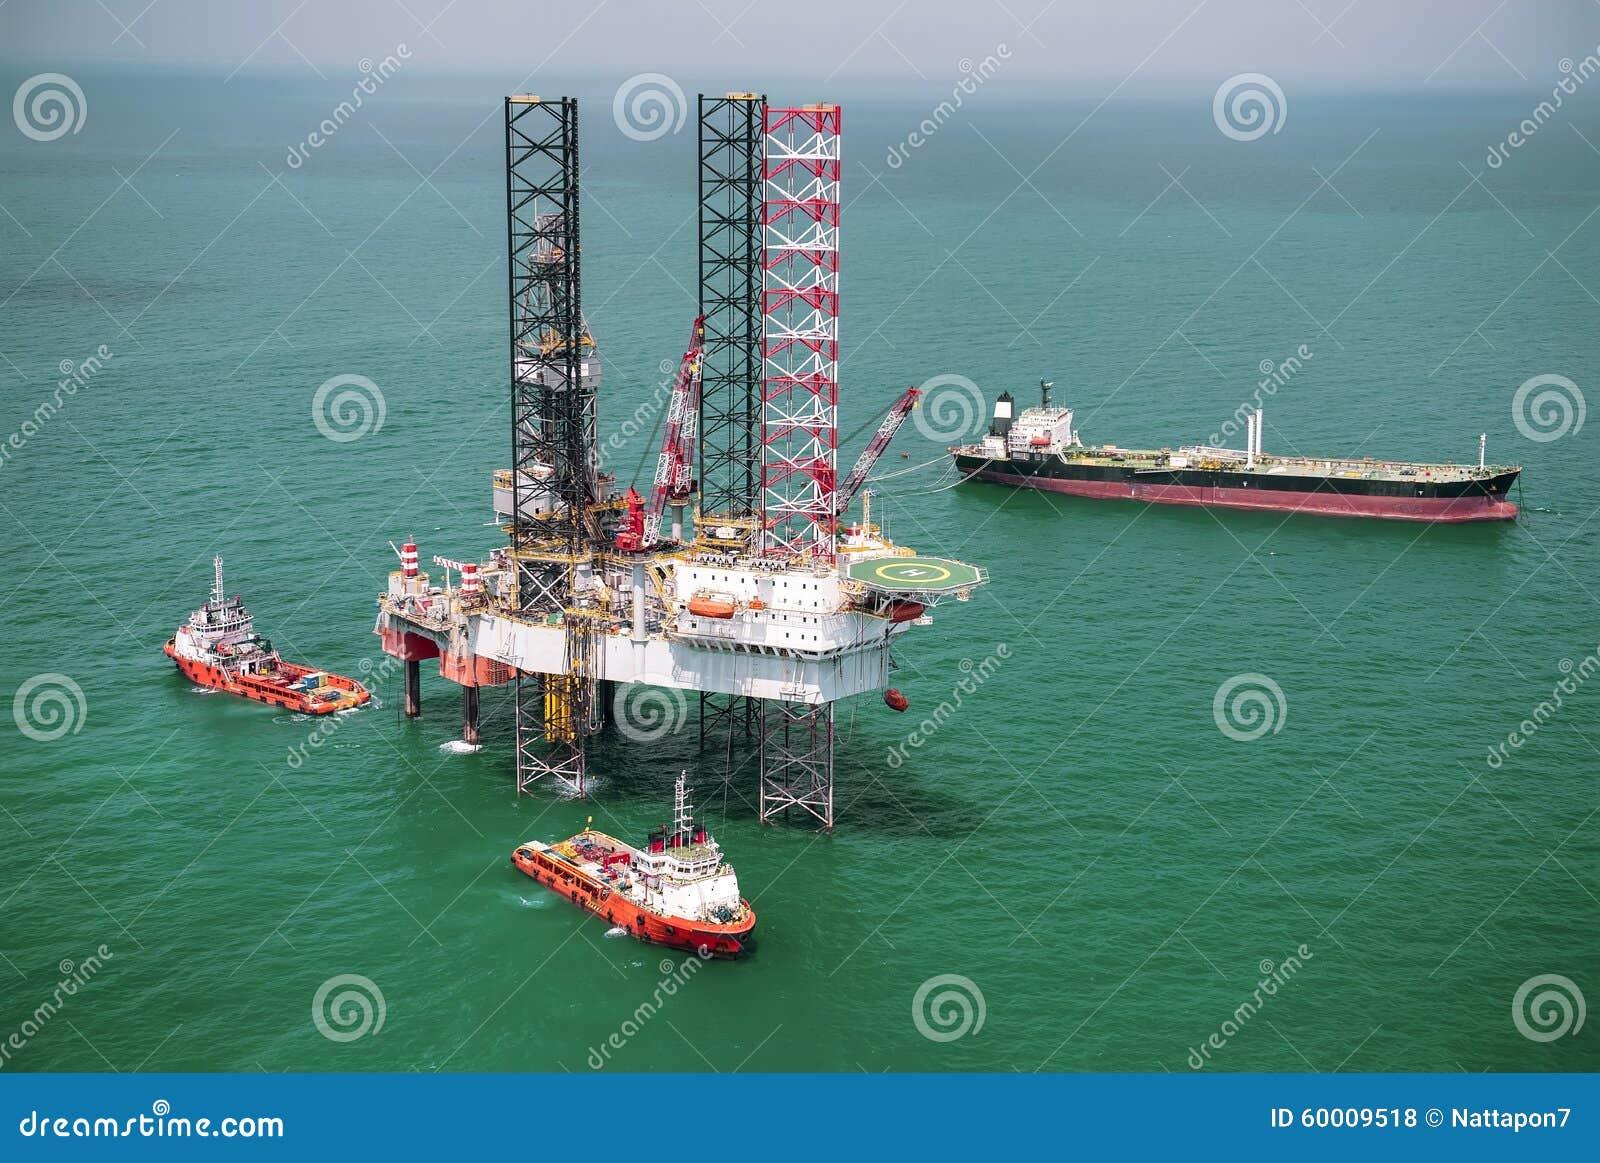 совершении футбол на нефтедобывающей платформе площадка фото кружке смайлики картинки